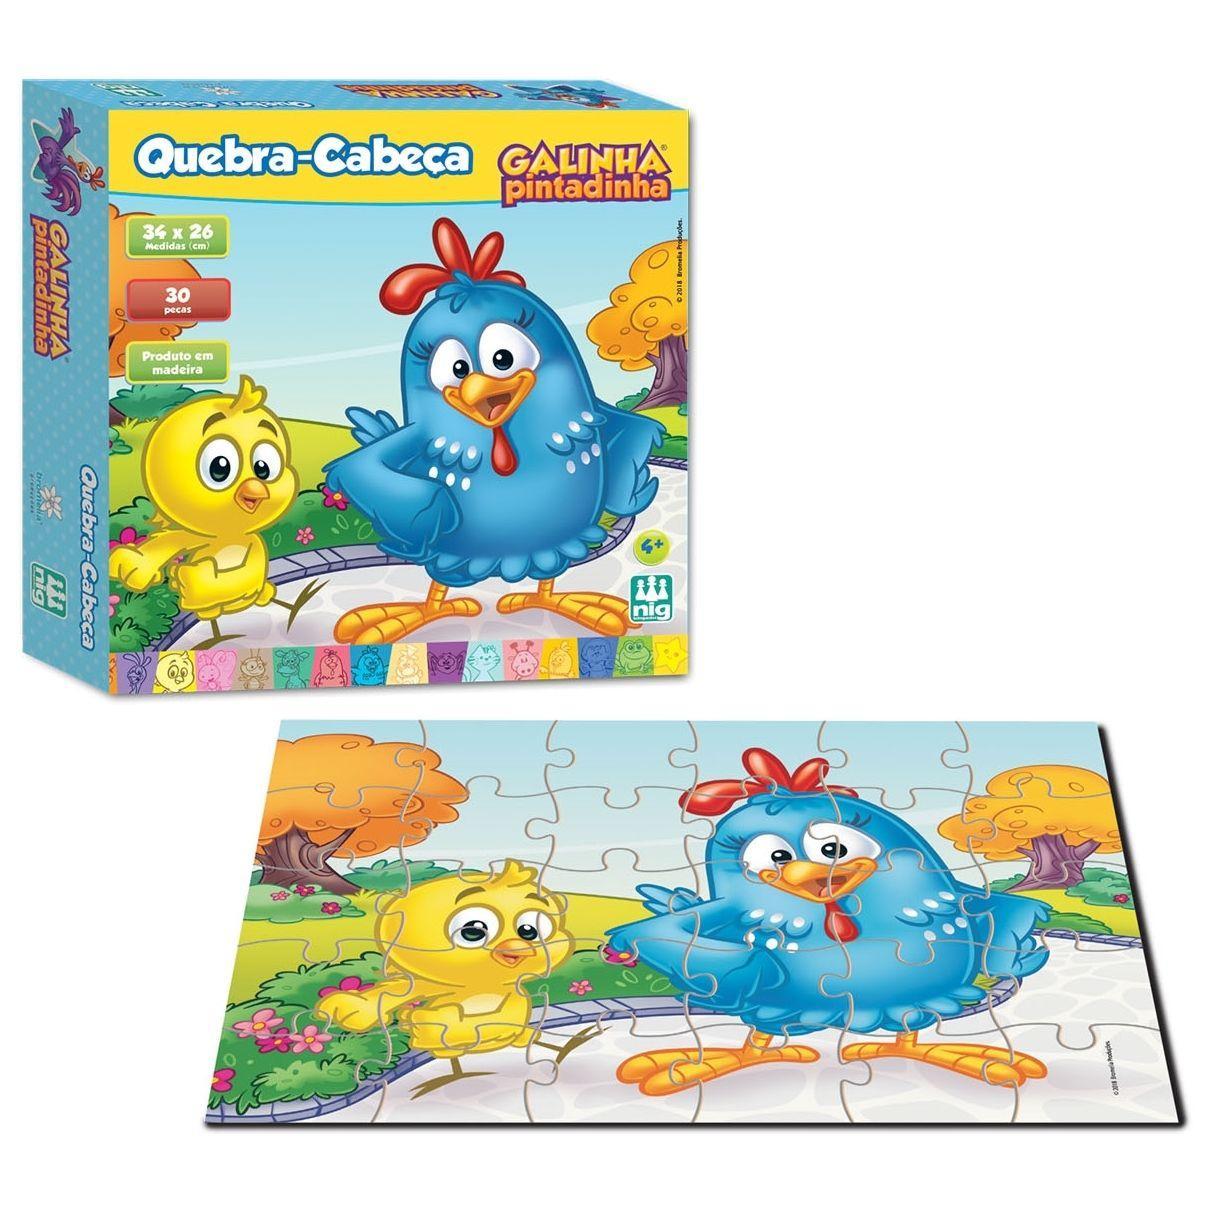 Quebra-Cabeça Galinha Pintadinha Ref 0719 - Nig Brinquedos